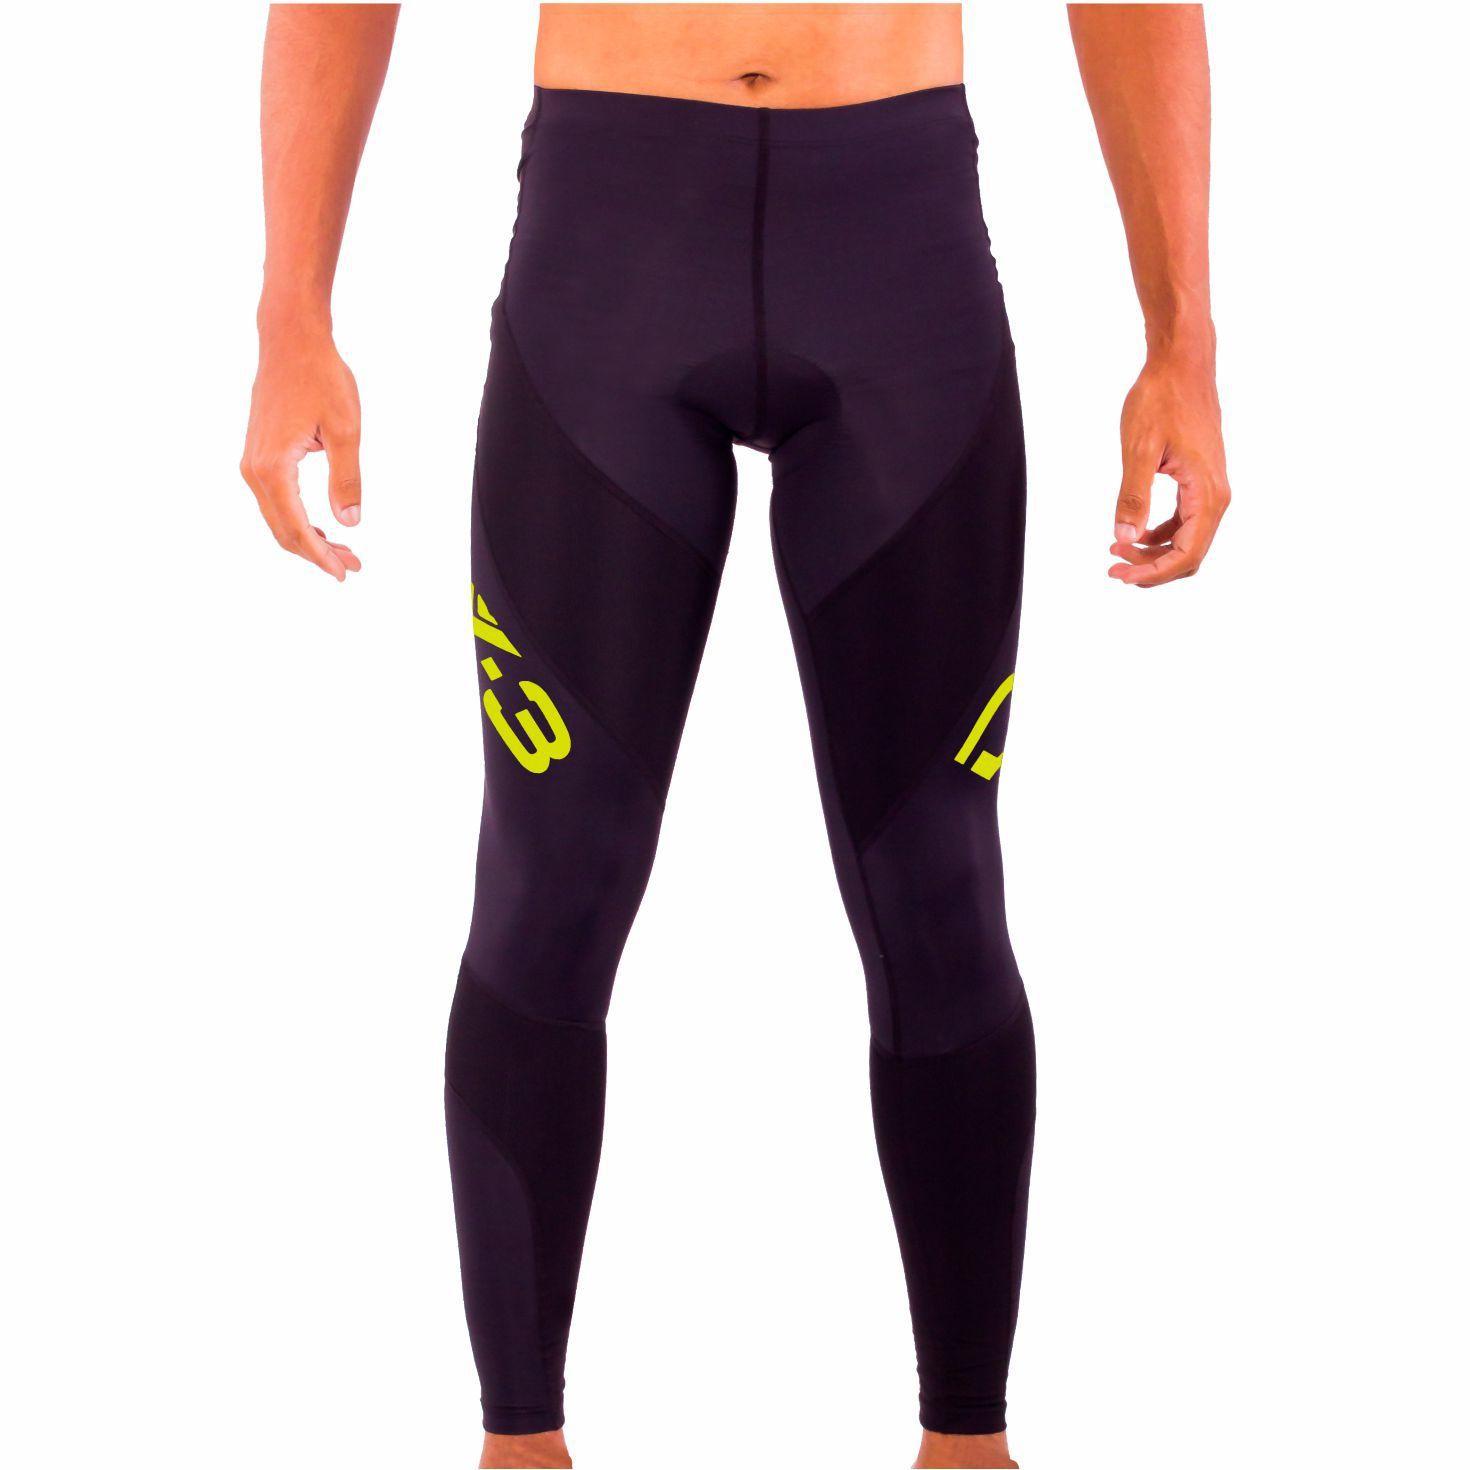 Calça Dx3 X Pro de Compressão Masculina Ciclismo